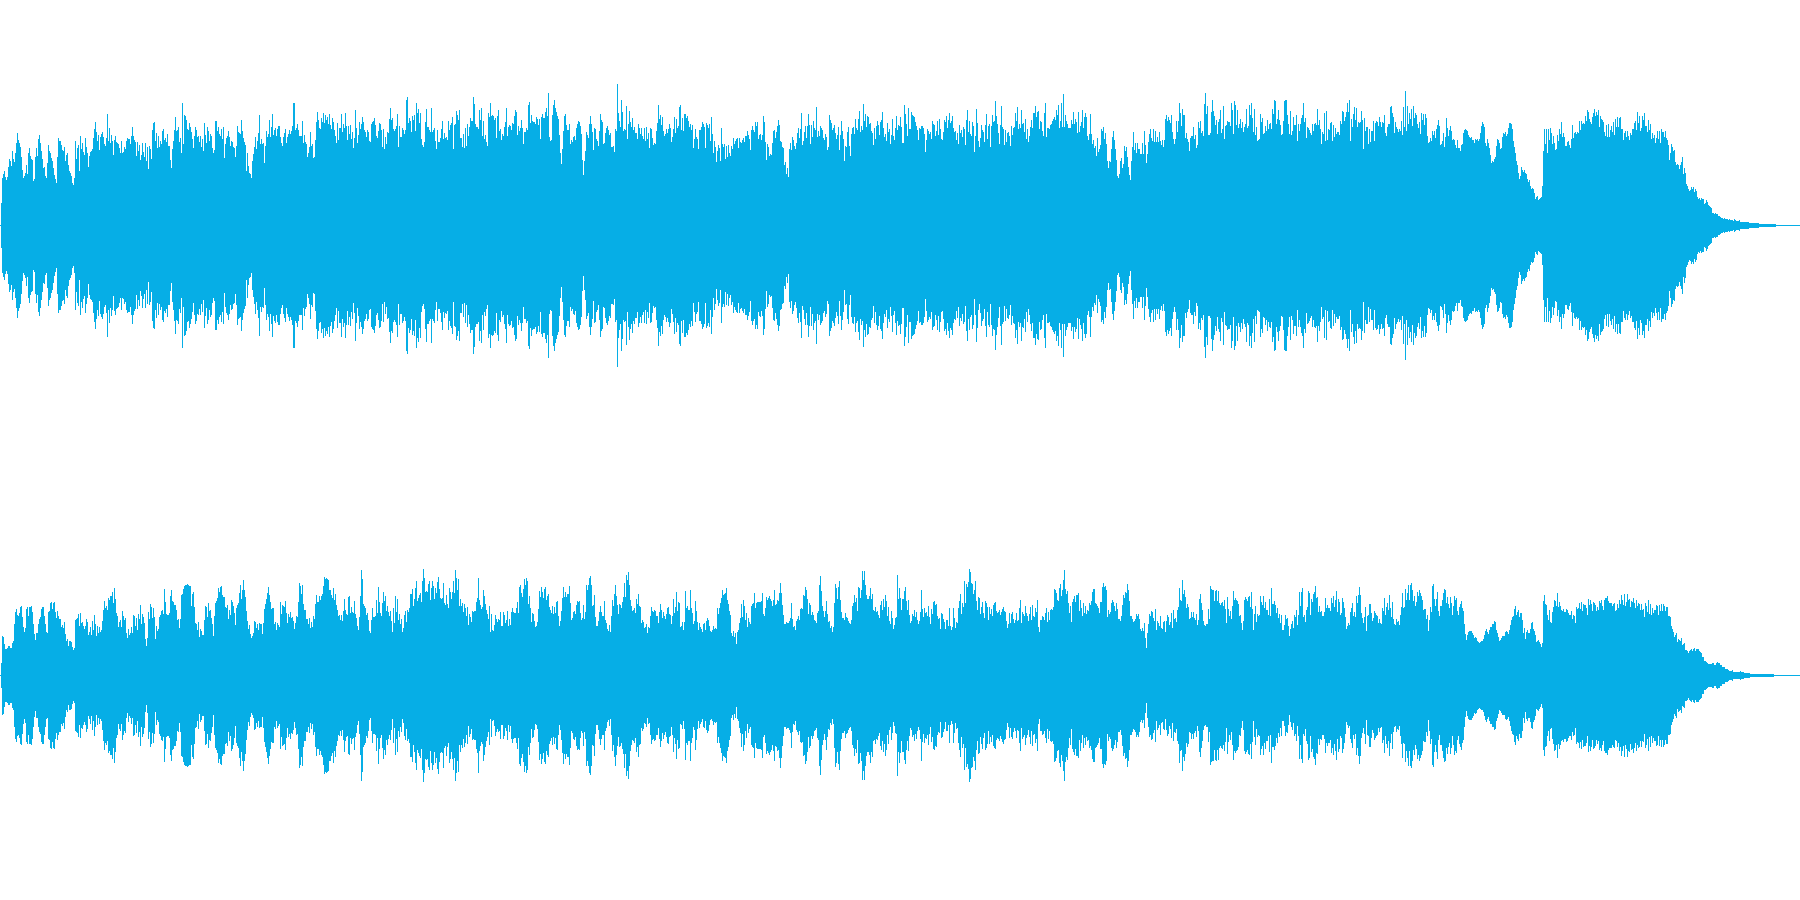 パイプオルガンのフーガ No.11の再生済みの波形